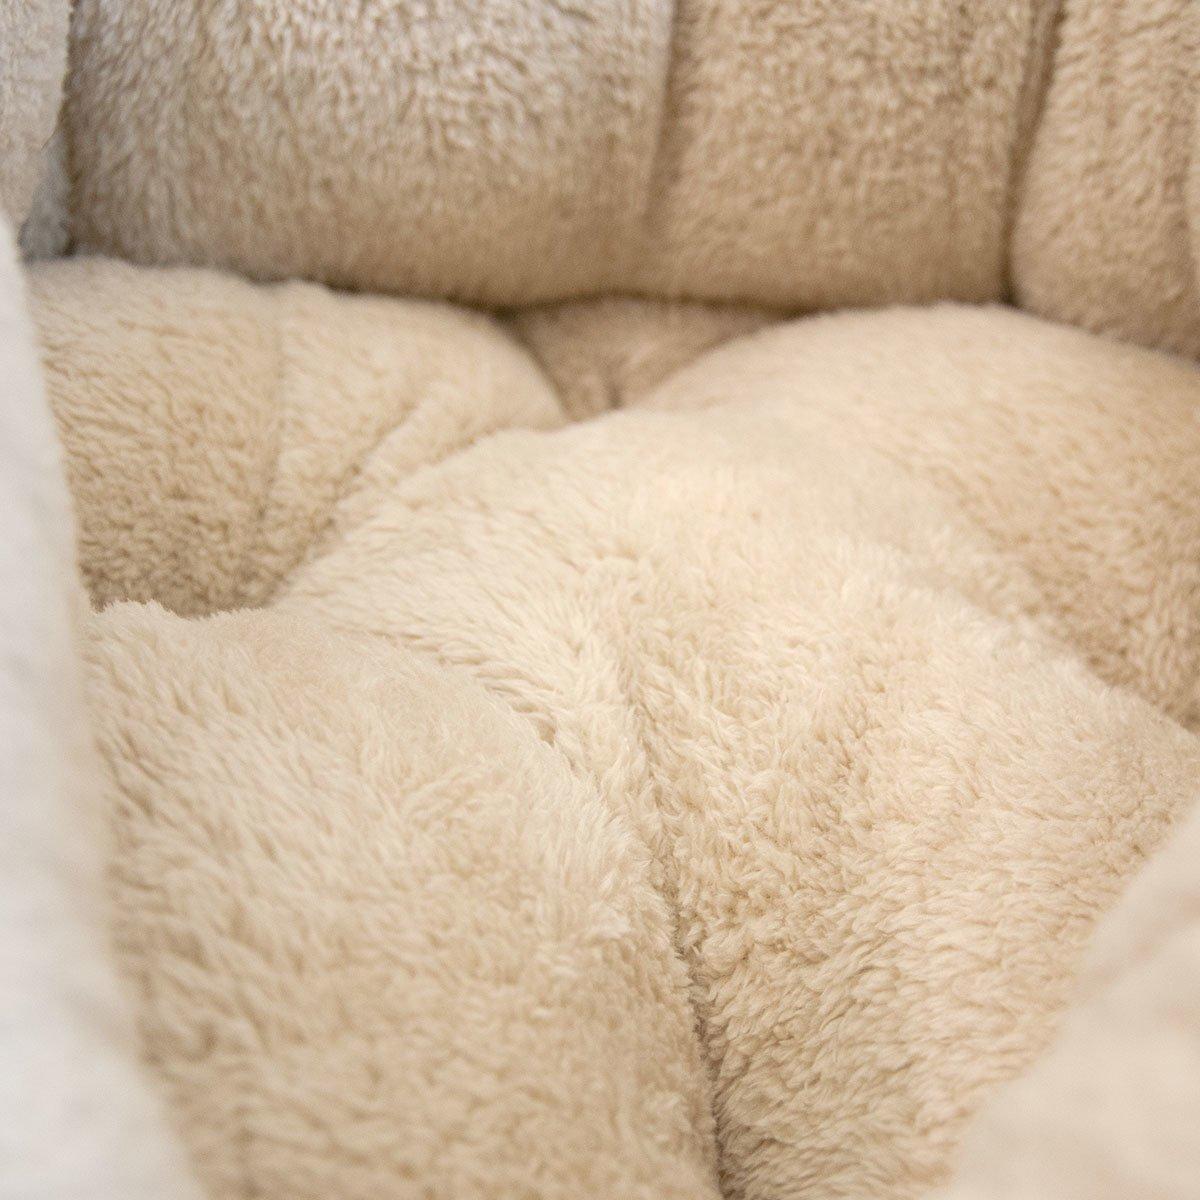 wauweich Komfortbett mit hohem Rand, Bild 5